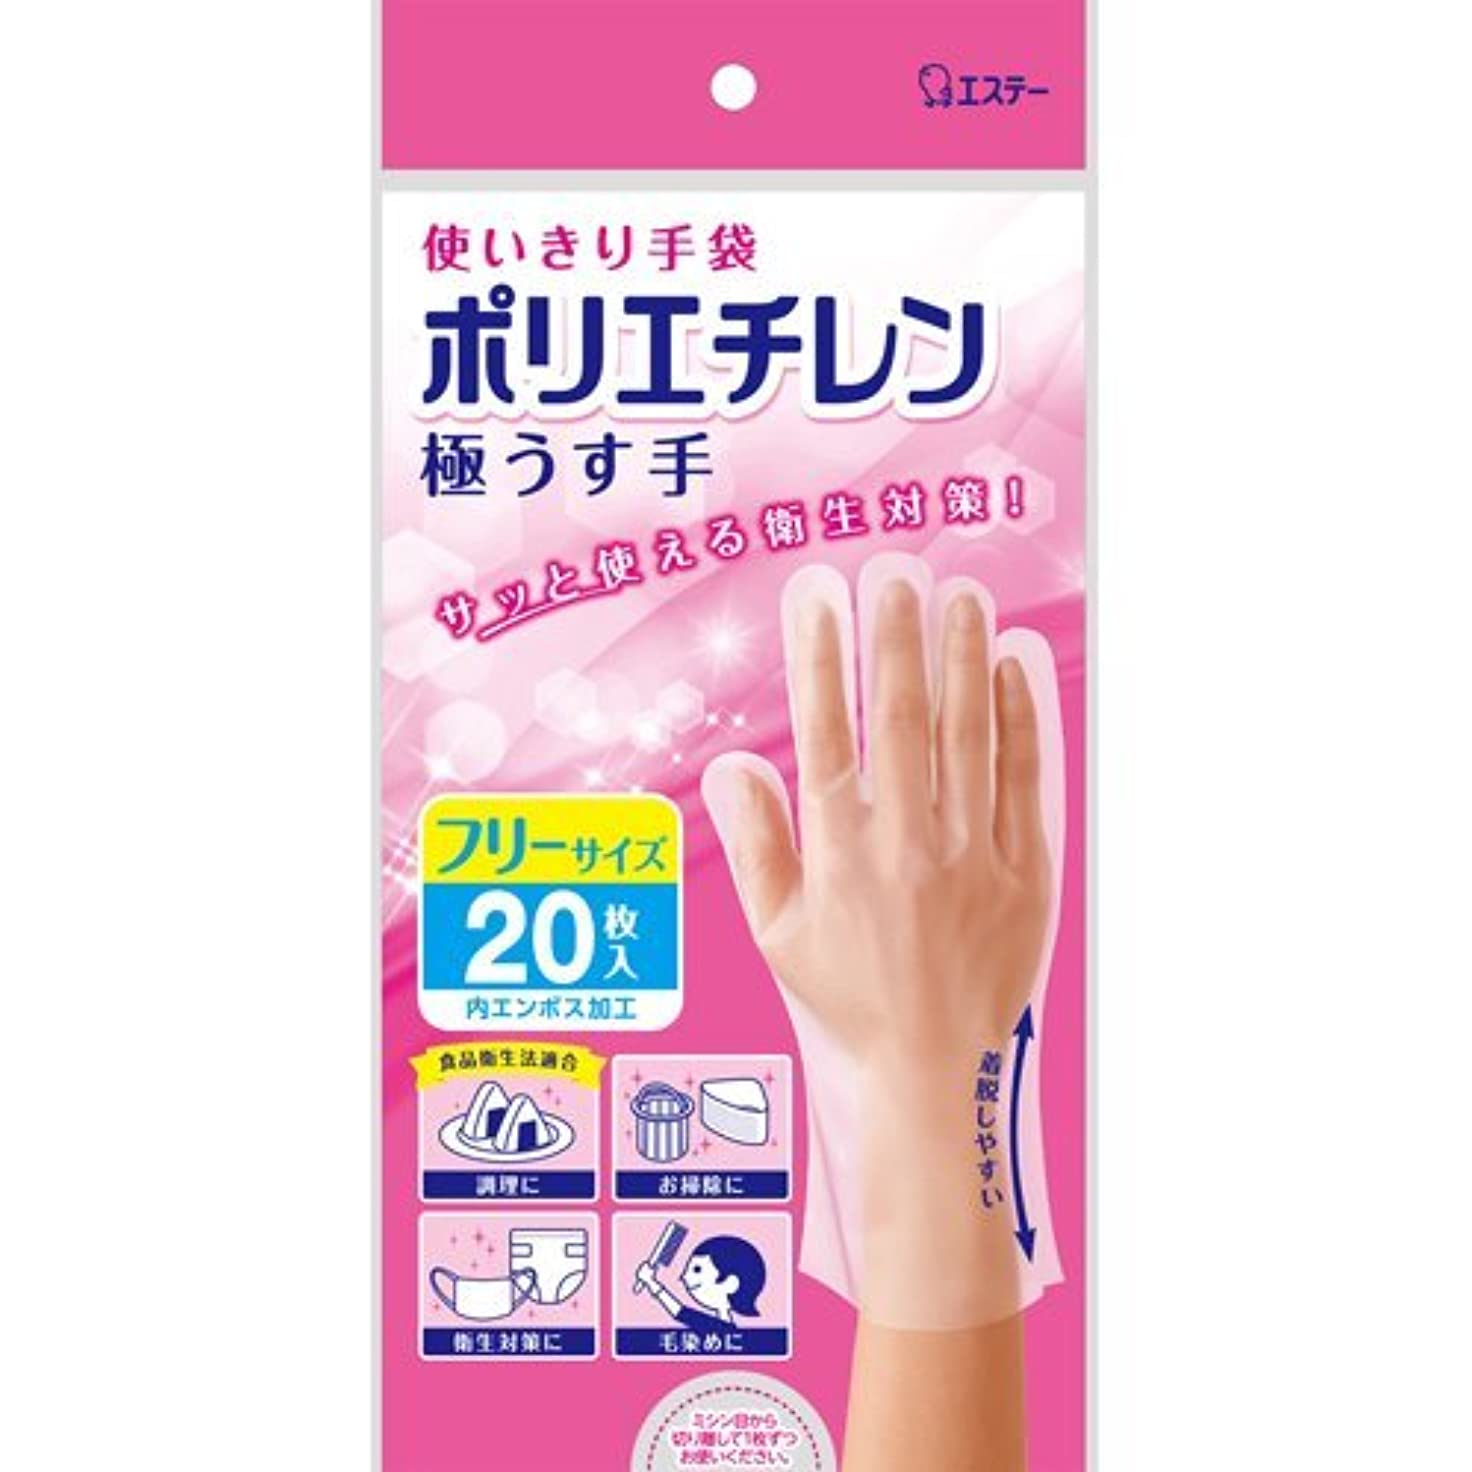 オーラル豆腐メイエラ使いきり手袋 ポリエチレン 極うす手 半透明 フリーサイズ 20枚